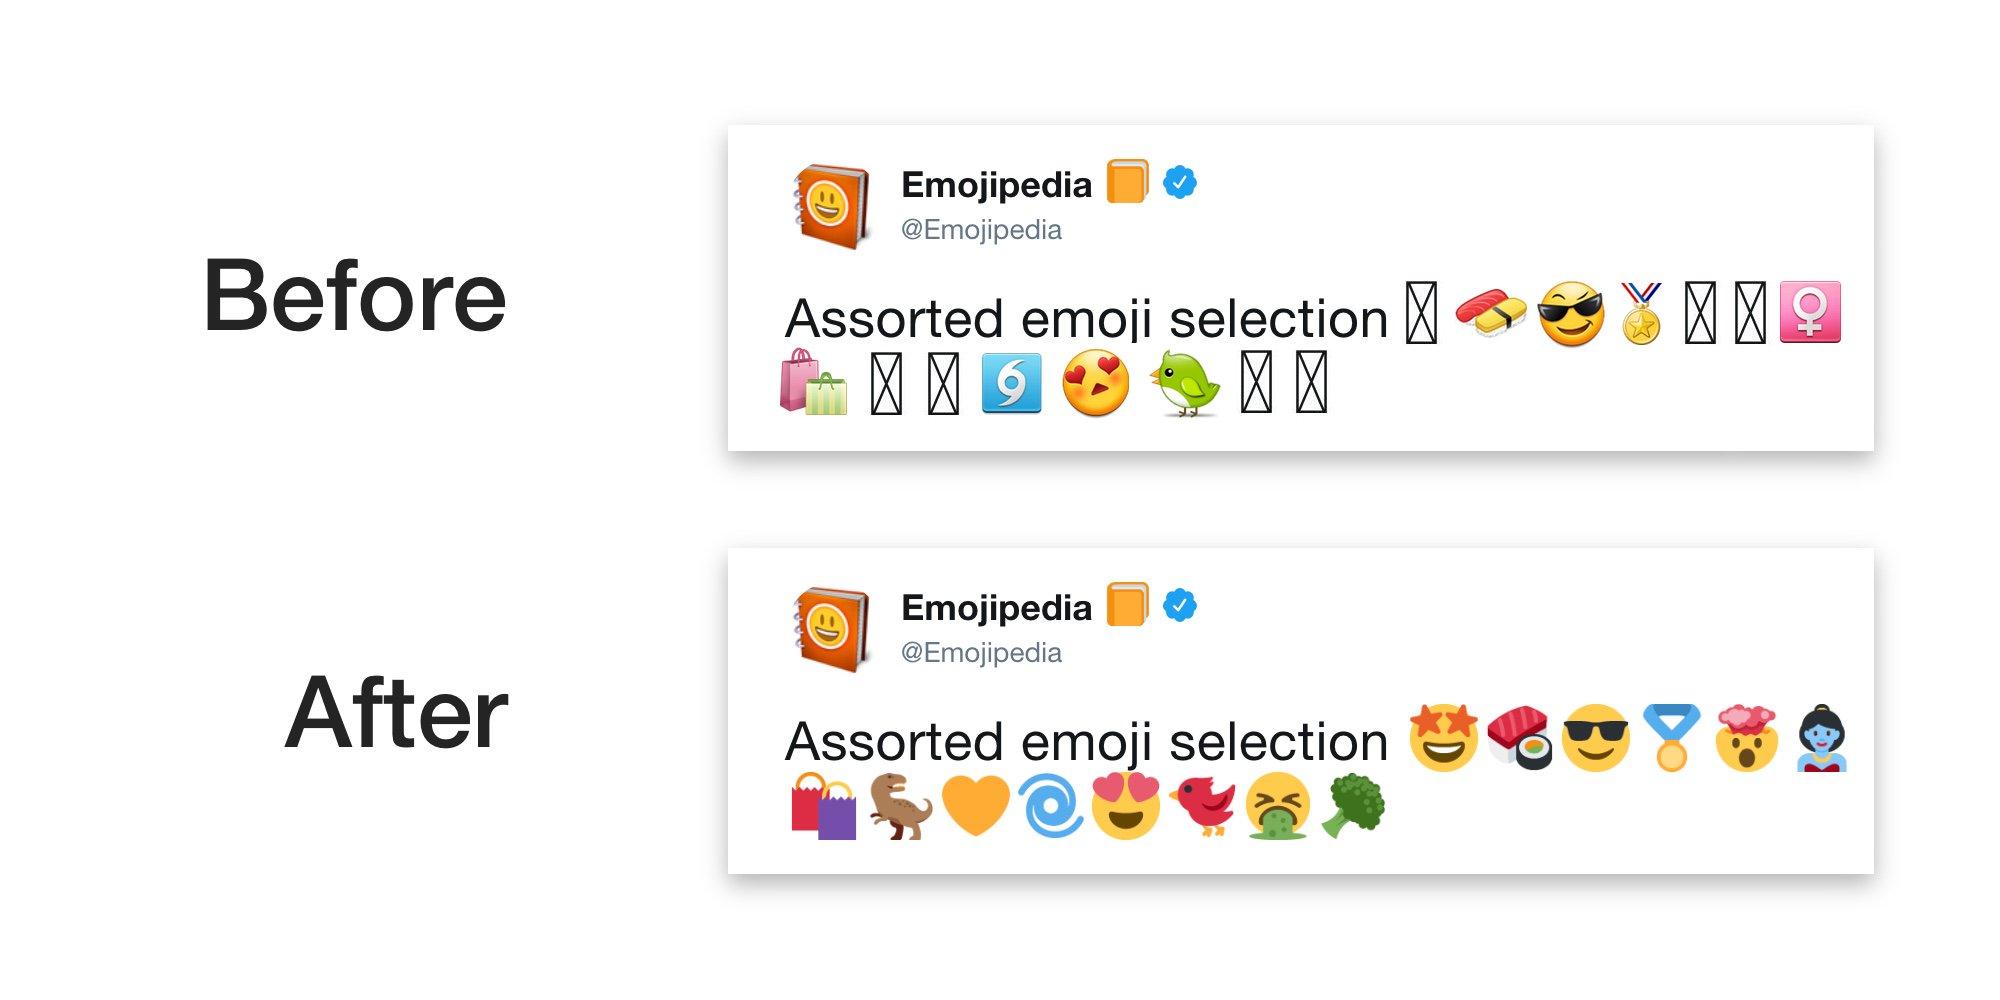 Twitter เพิ่มอีโมจิให้มีความสมบูรณ์ยิ่งขึ้นในระบบปฏิบัติการแอนดรอยด์